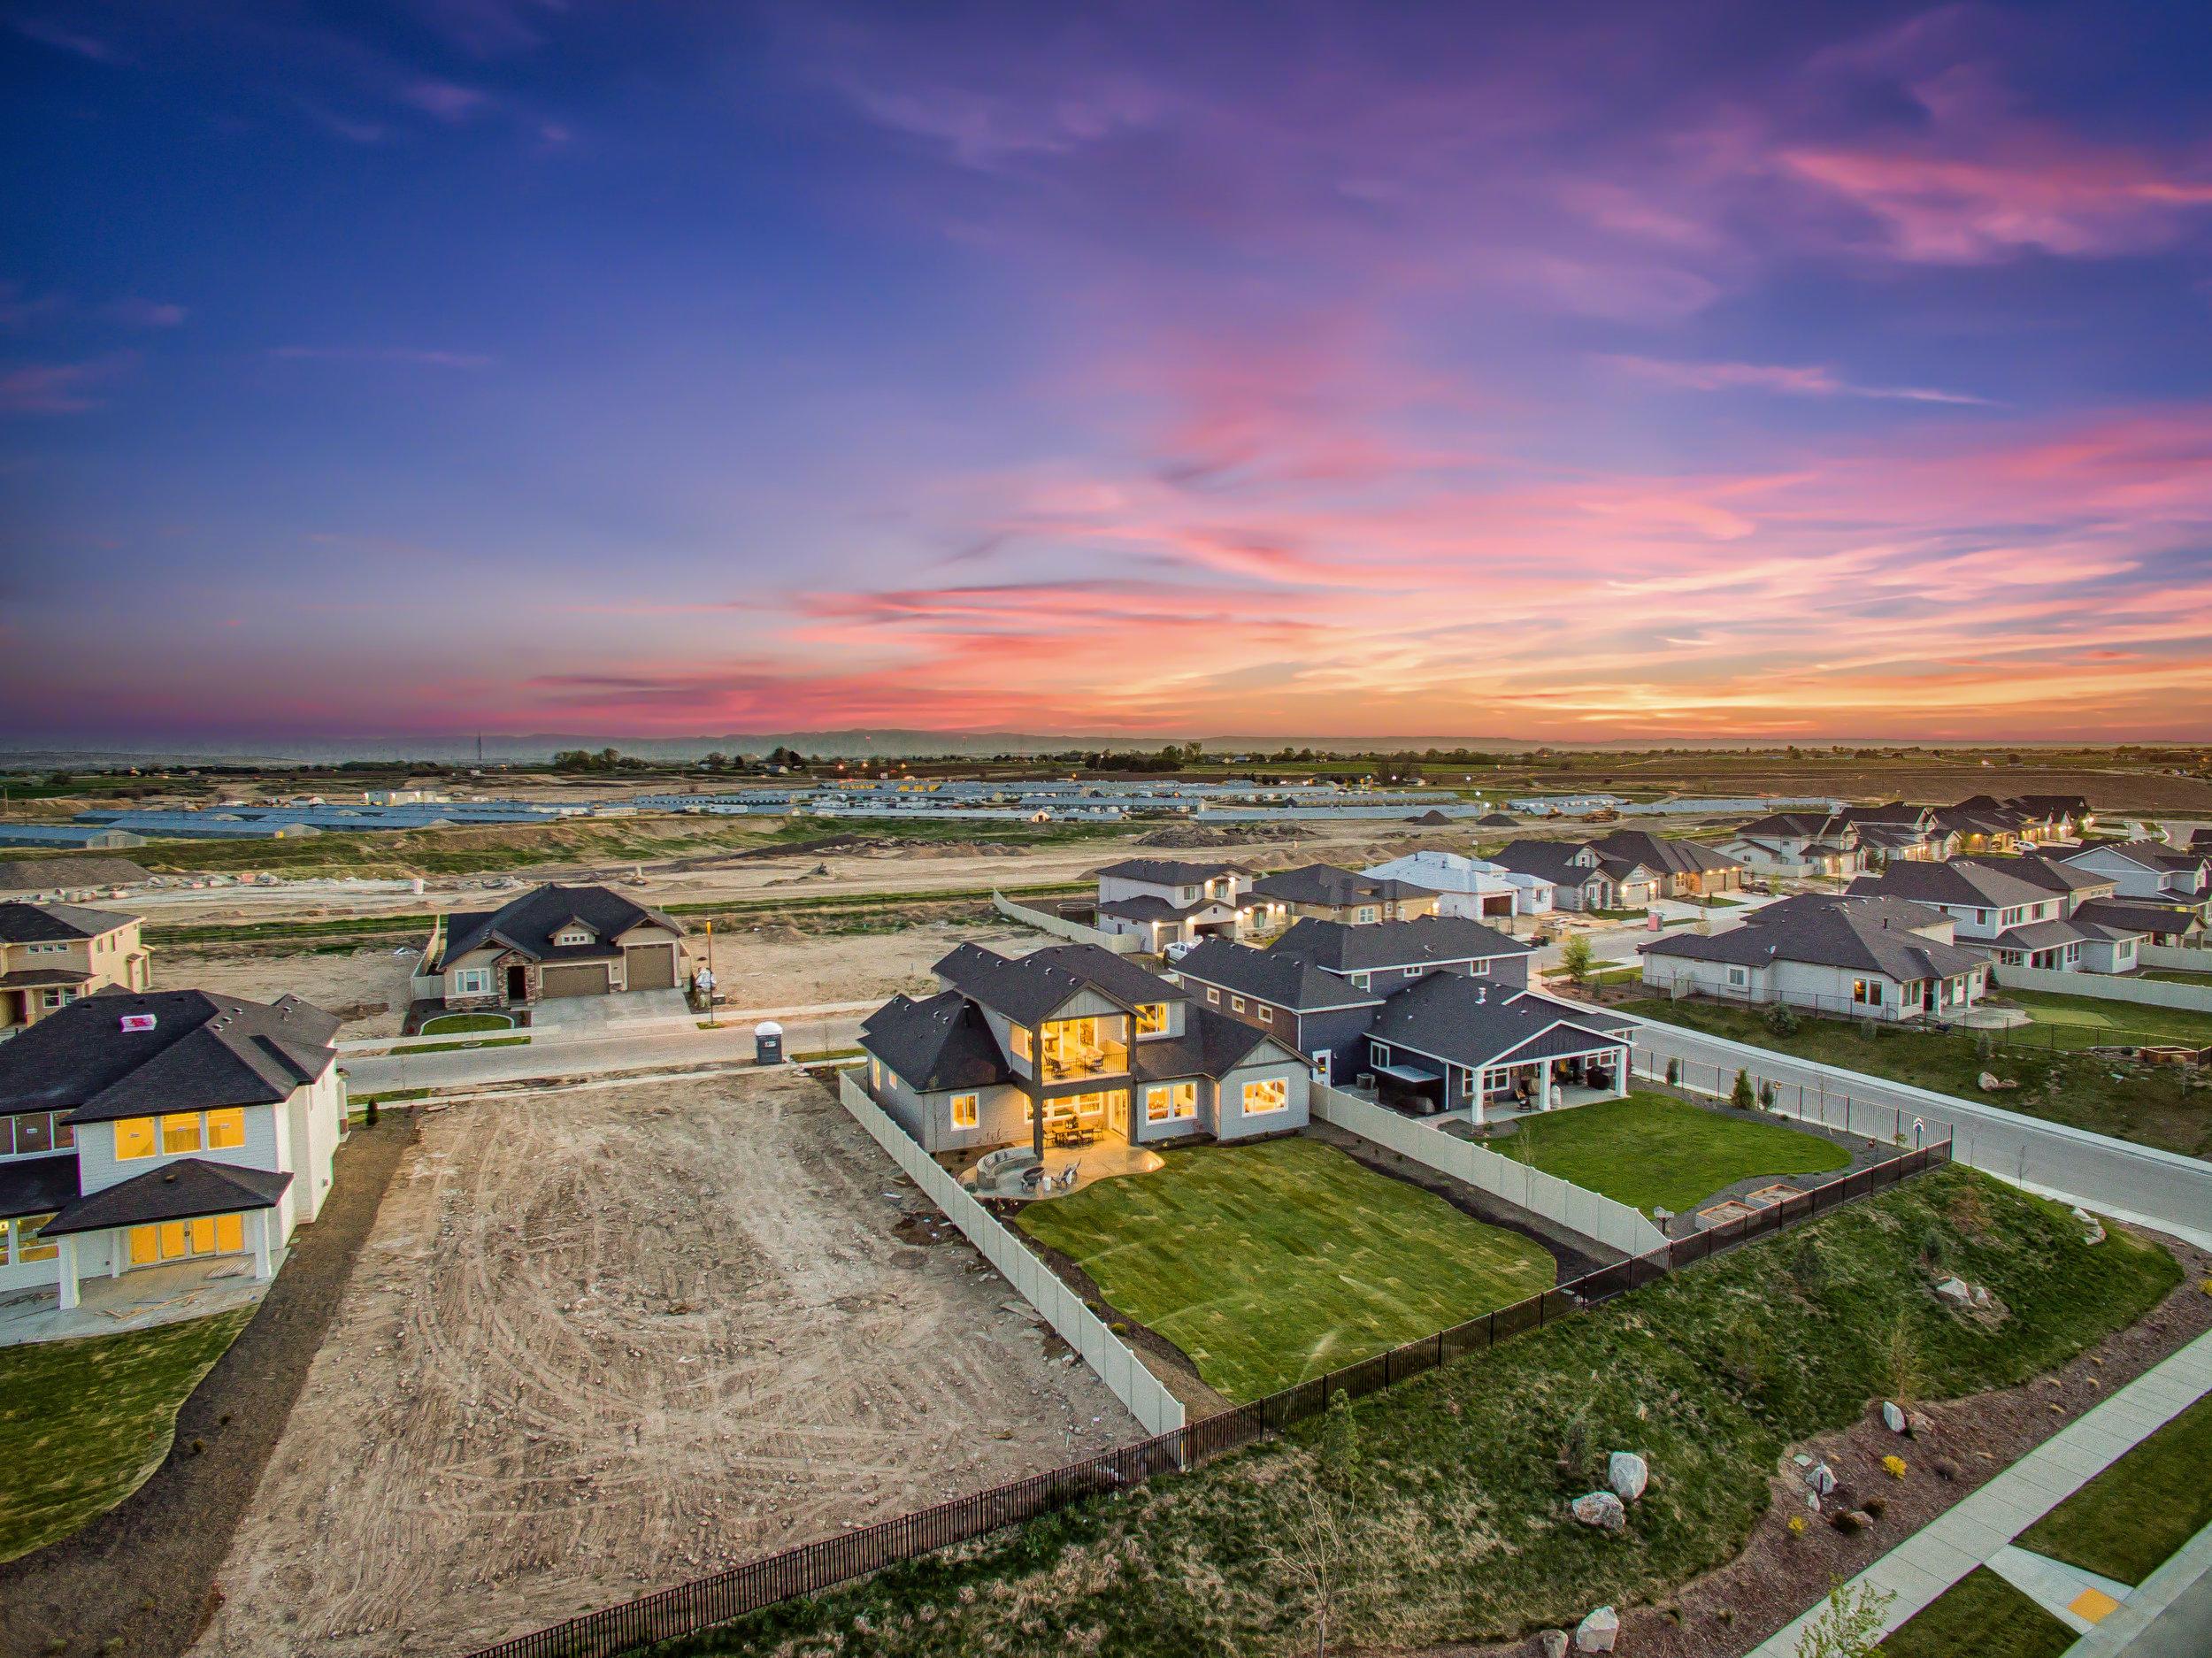 004_Aerial Behind the Home.jpg